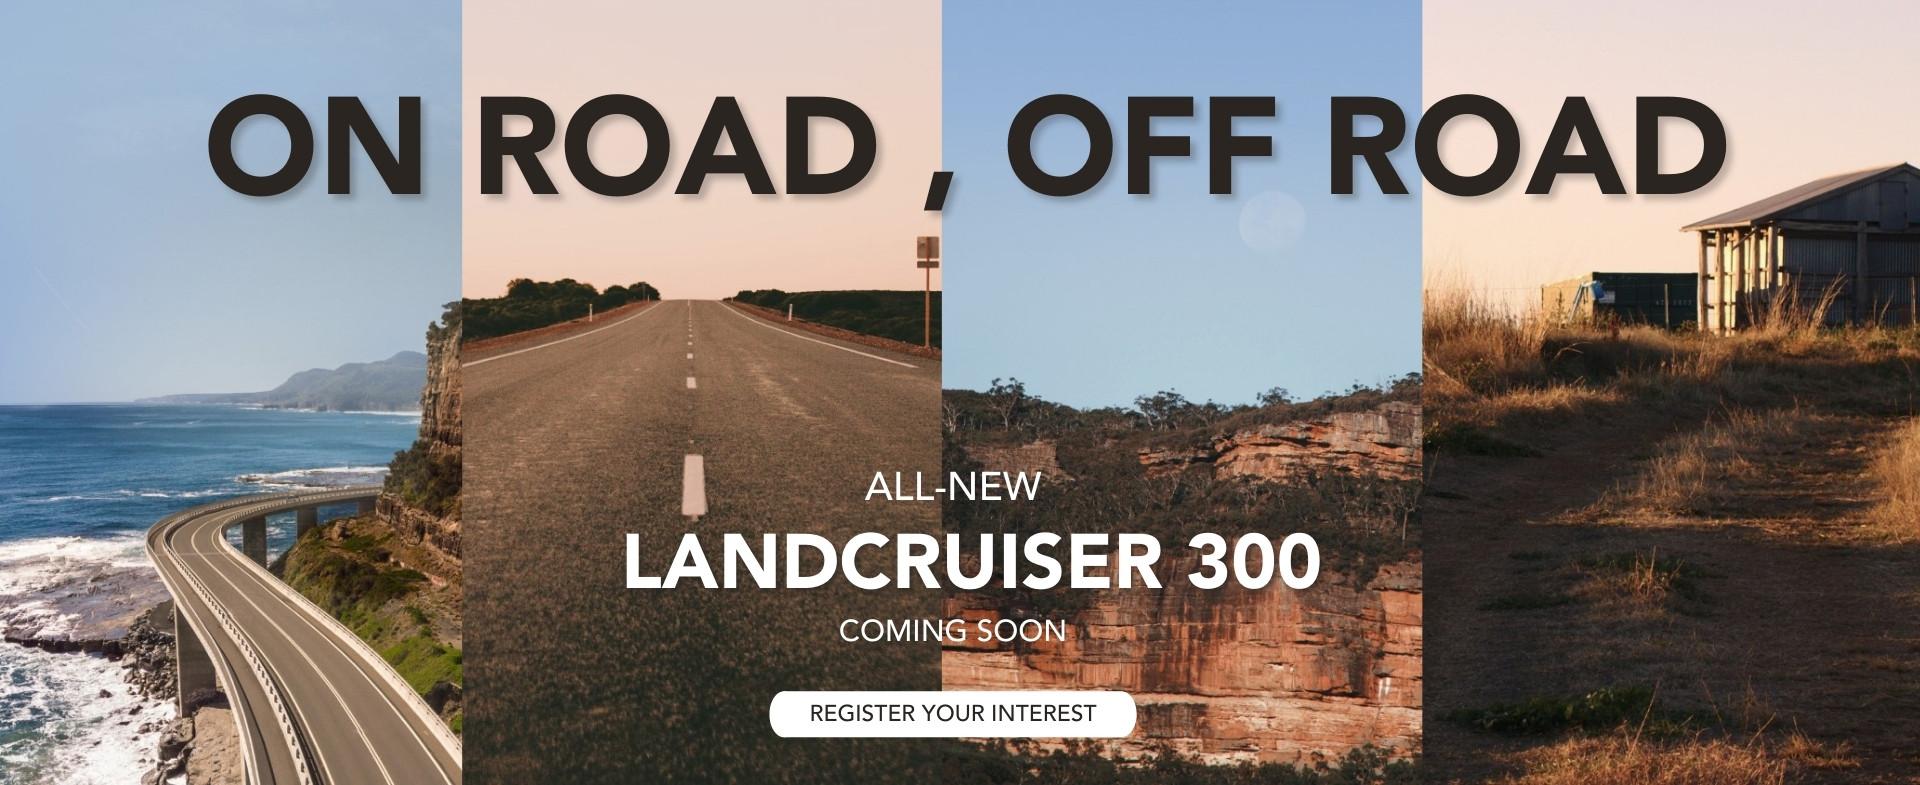 All-New LandCruiser 300